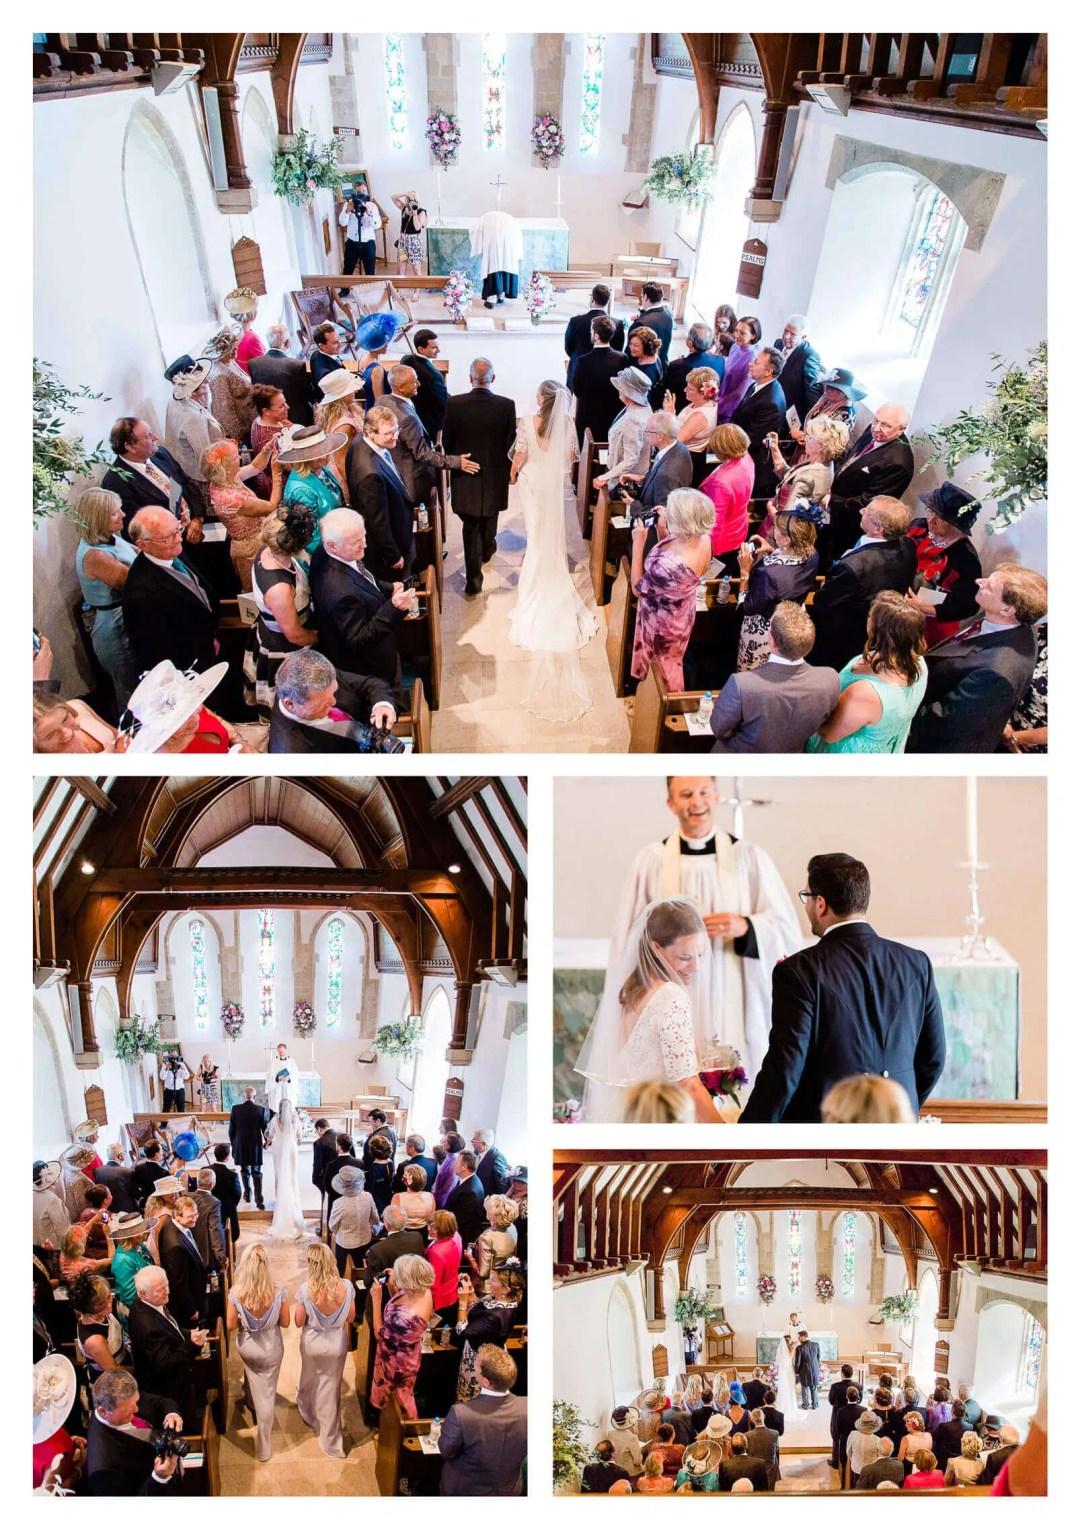 St Nicholas Parish Church wedding ceremony in Chichester | West Sussex wedding photographer